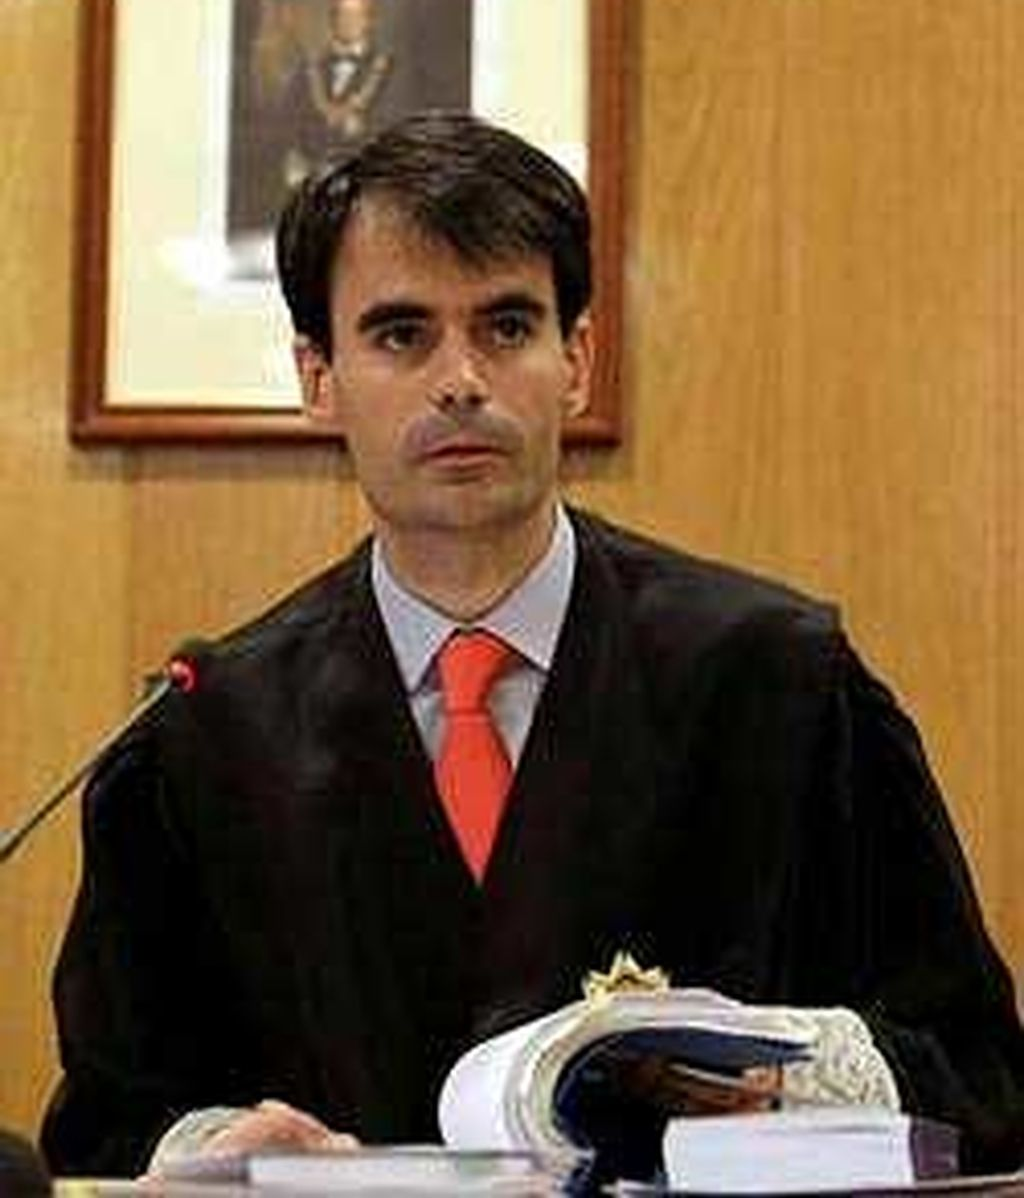 Pablo Ruz ha pedido informes a la Fiscalía, y se a dirigido a la CPI y a la ONU para recabar cualquier información sobre el caso. Foto: EFE.